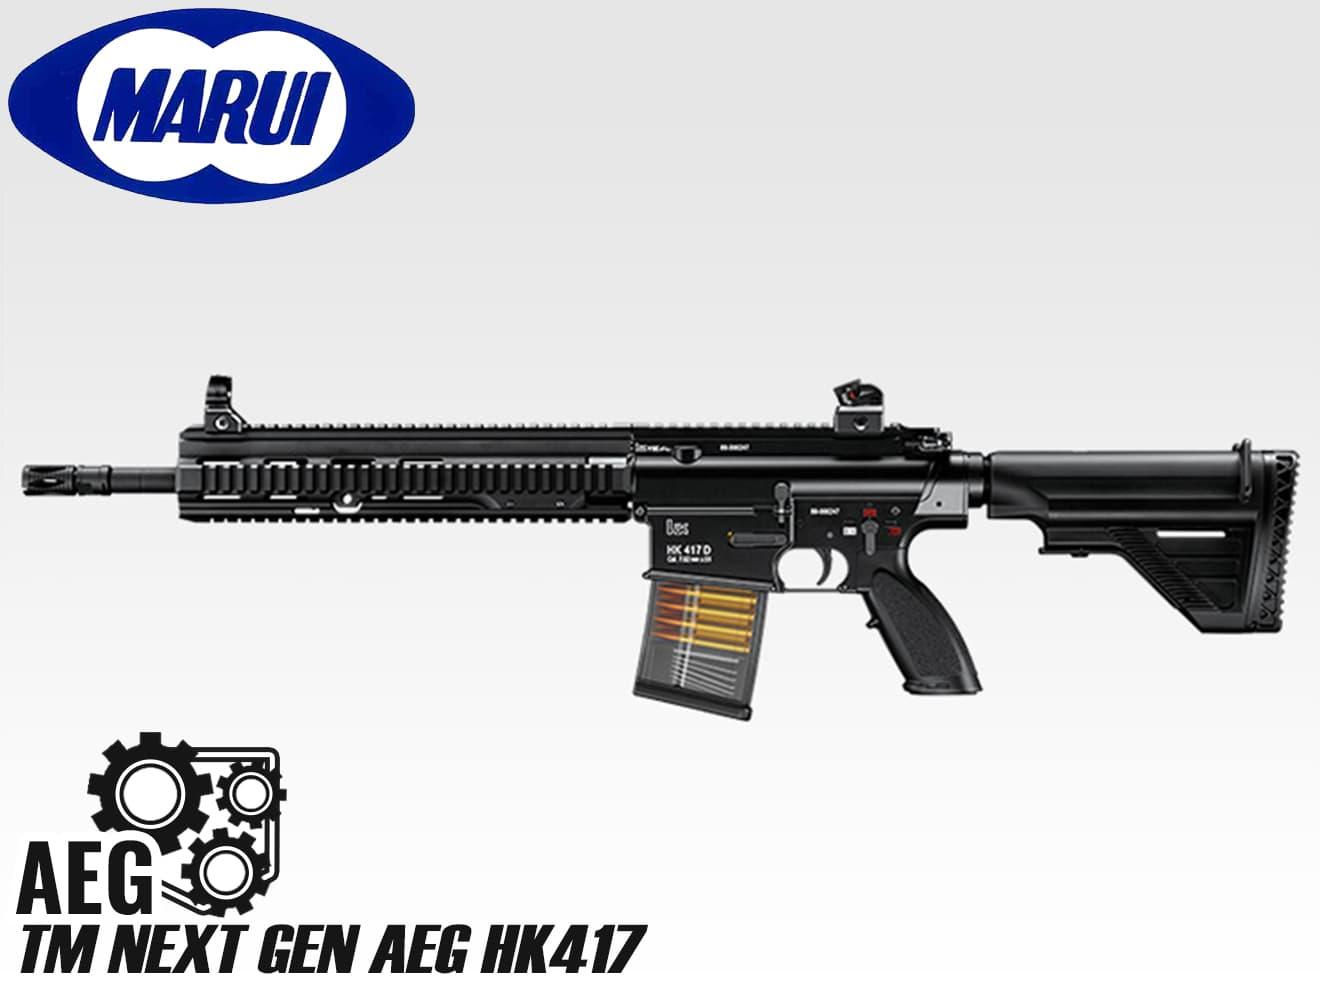 東京マルイ 次世代電動ガン HK417 アーリーバリアント/新型サマリウム・コバルトモーター採用【18歳以上対商品】